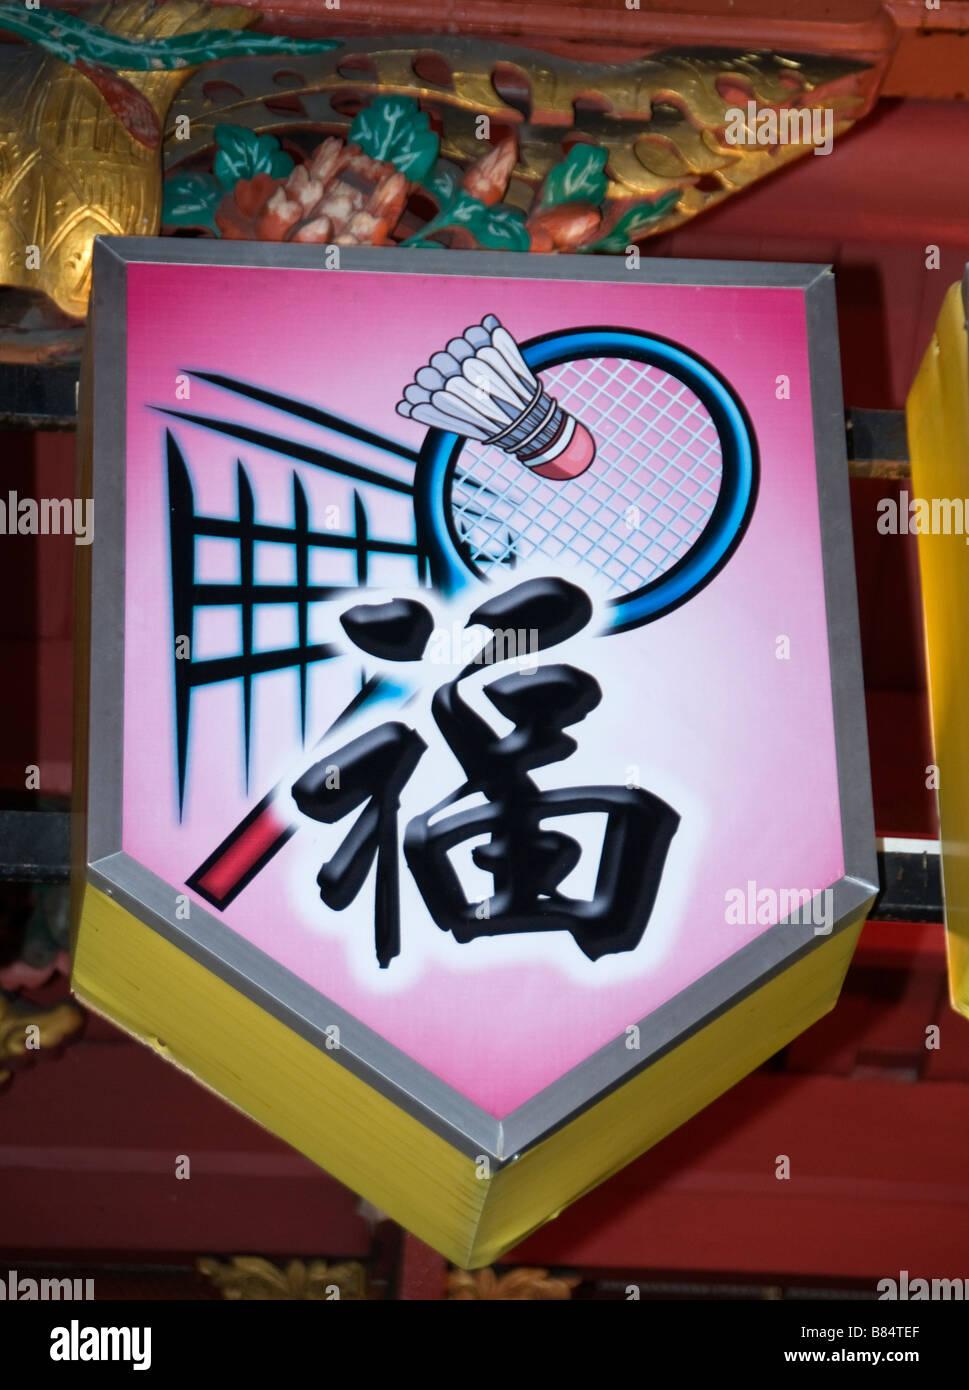 Malacca Malaisie Chine Chinatown gyrophare sport néon chinois jouent un jeu de tennis jeu de badminton Photo Stock